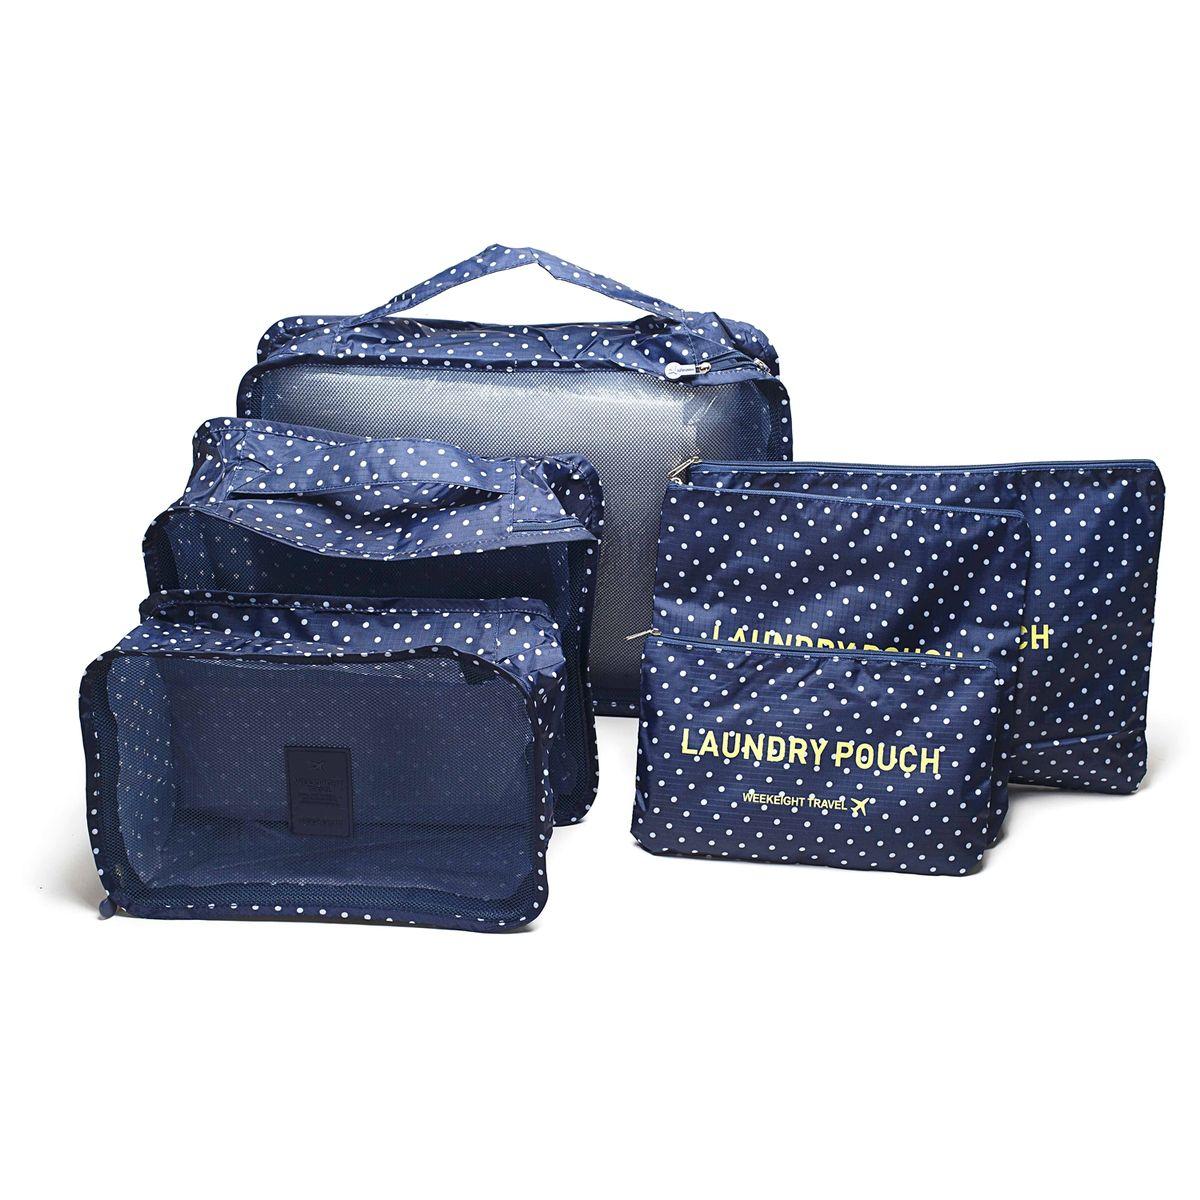 """Набор органайзеров для багажа """"Homsu"""" выполнен из полиэстера и оснащен молниями. В комплекте собраны органайзеры для  бюстгальтеров, нижнего белья, носков, одежды, косметики. Вы сможете распределить все вещи, которые возьмете с  собой таким образом, чтобы всегда иметь быстрый доступ к ним. Органайзеры надежно защитят от пыли, грязи, влажности или  механических повреждений.  Размеры органайзеров: 40 x 30 x 12 см; 30 x 28 x 13 см; 30 x 21 x 13 см; 35 x 27 см; 27 x 25 см; 26 x 16 см."""